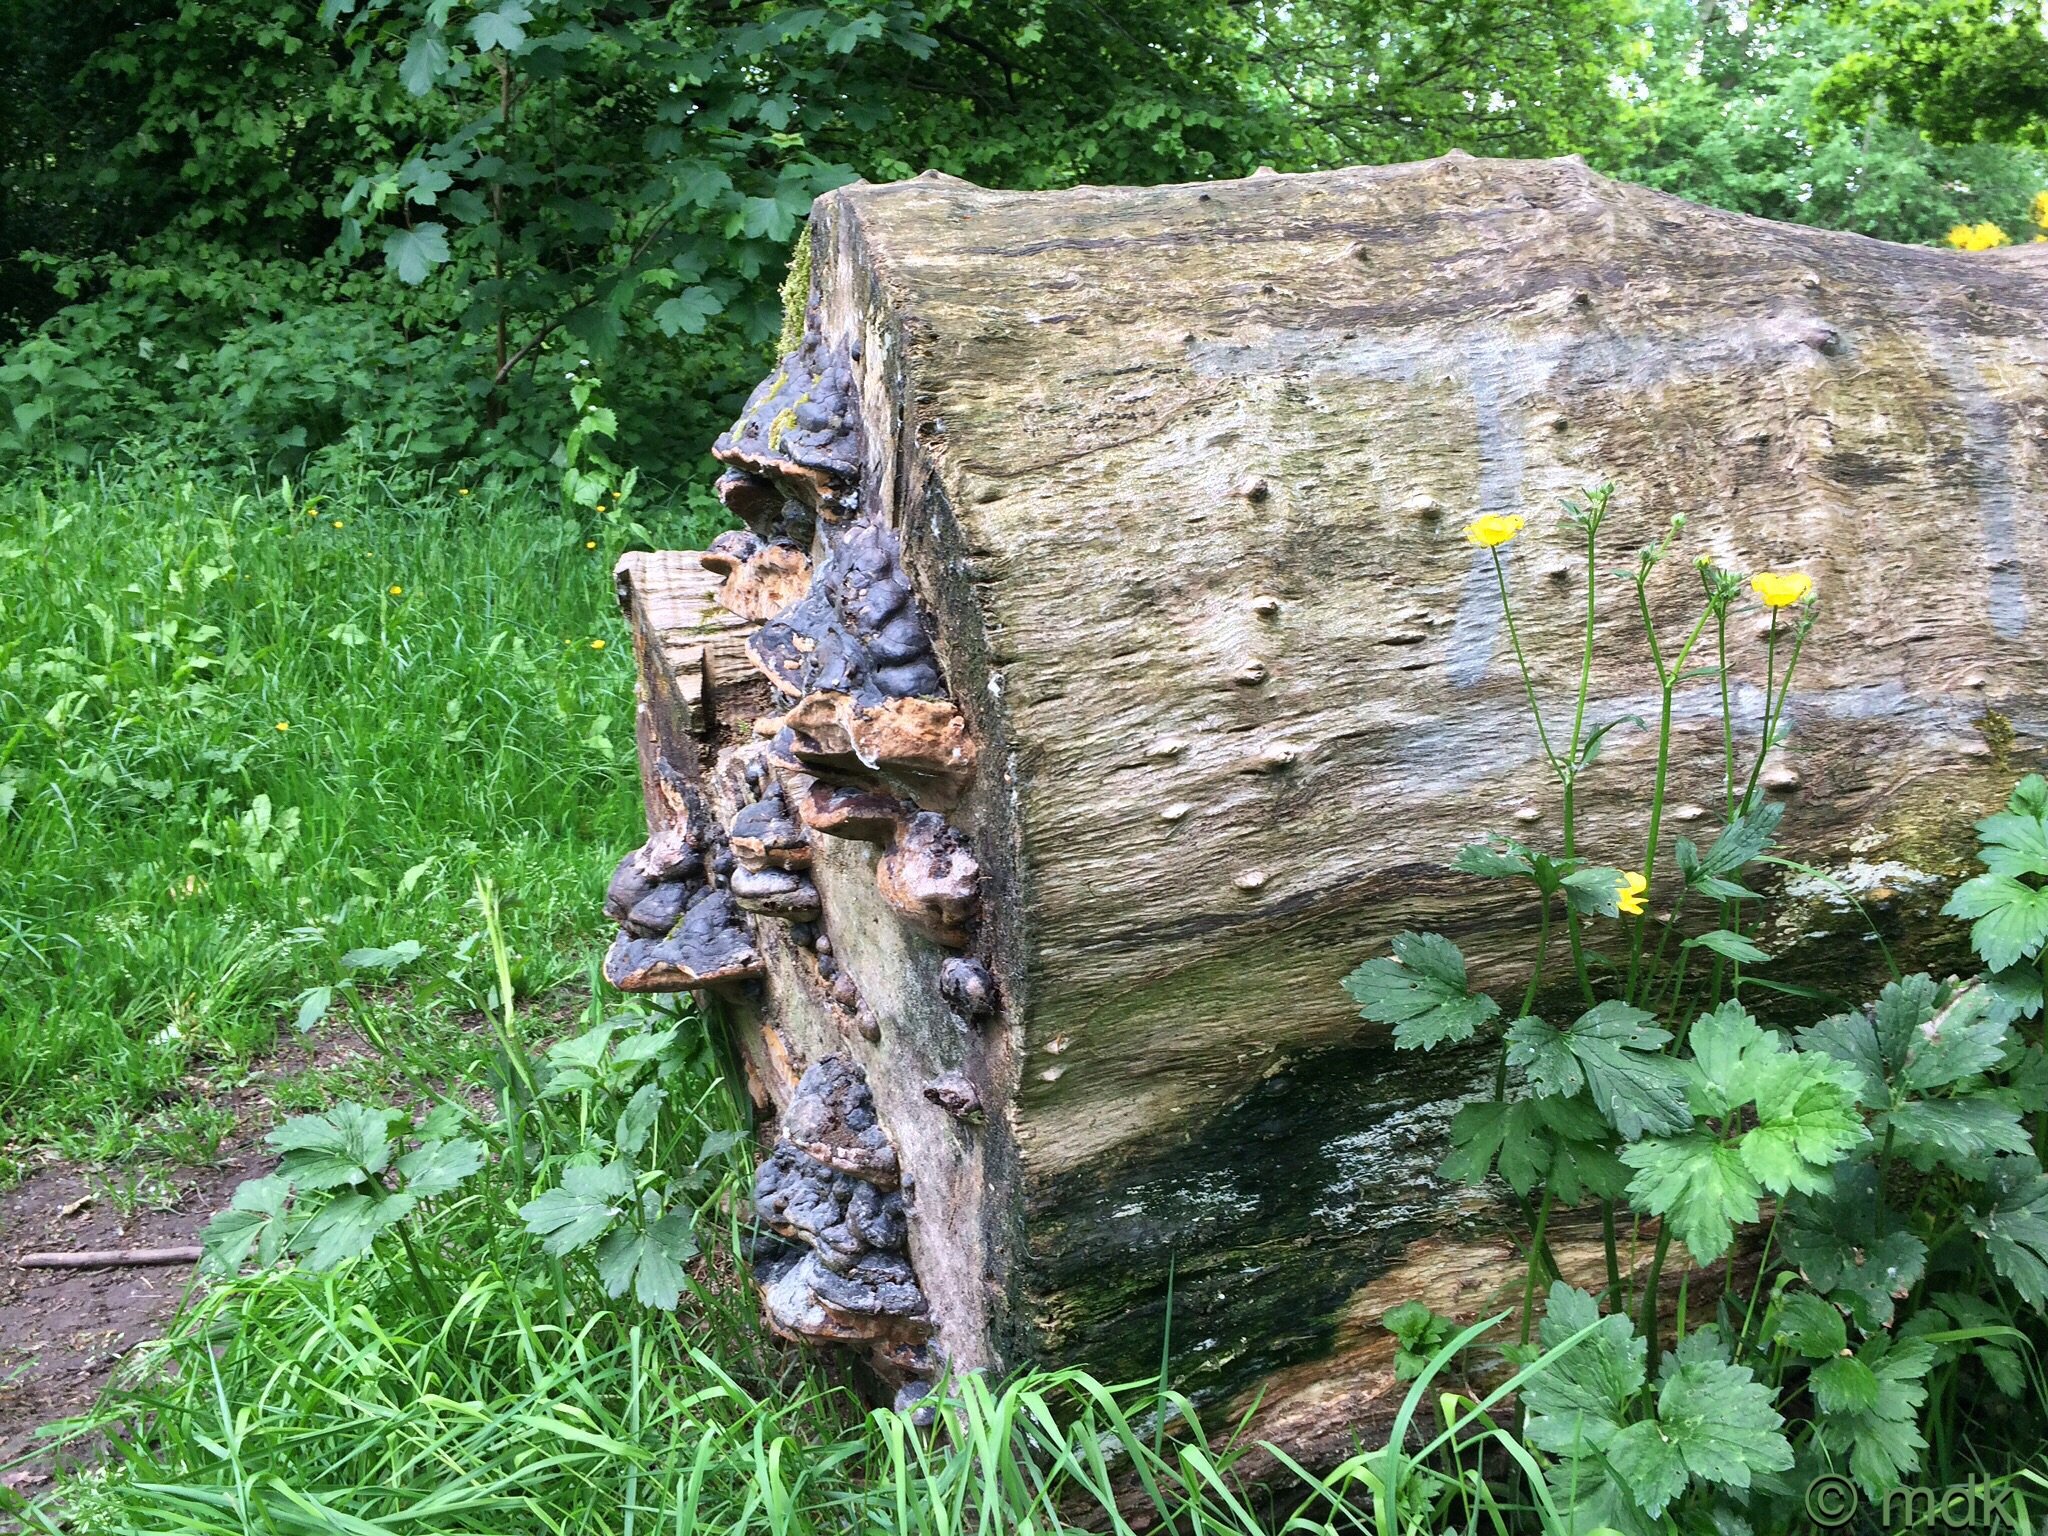 Horse hoof fungi